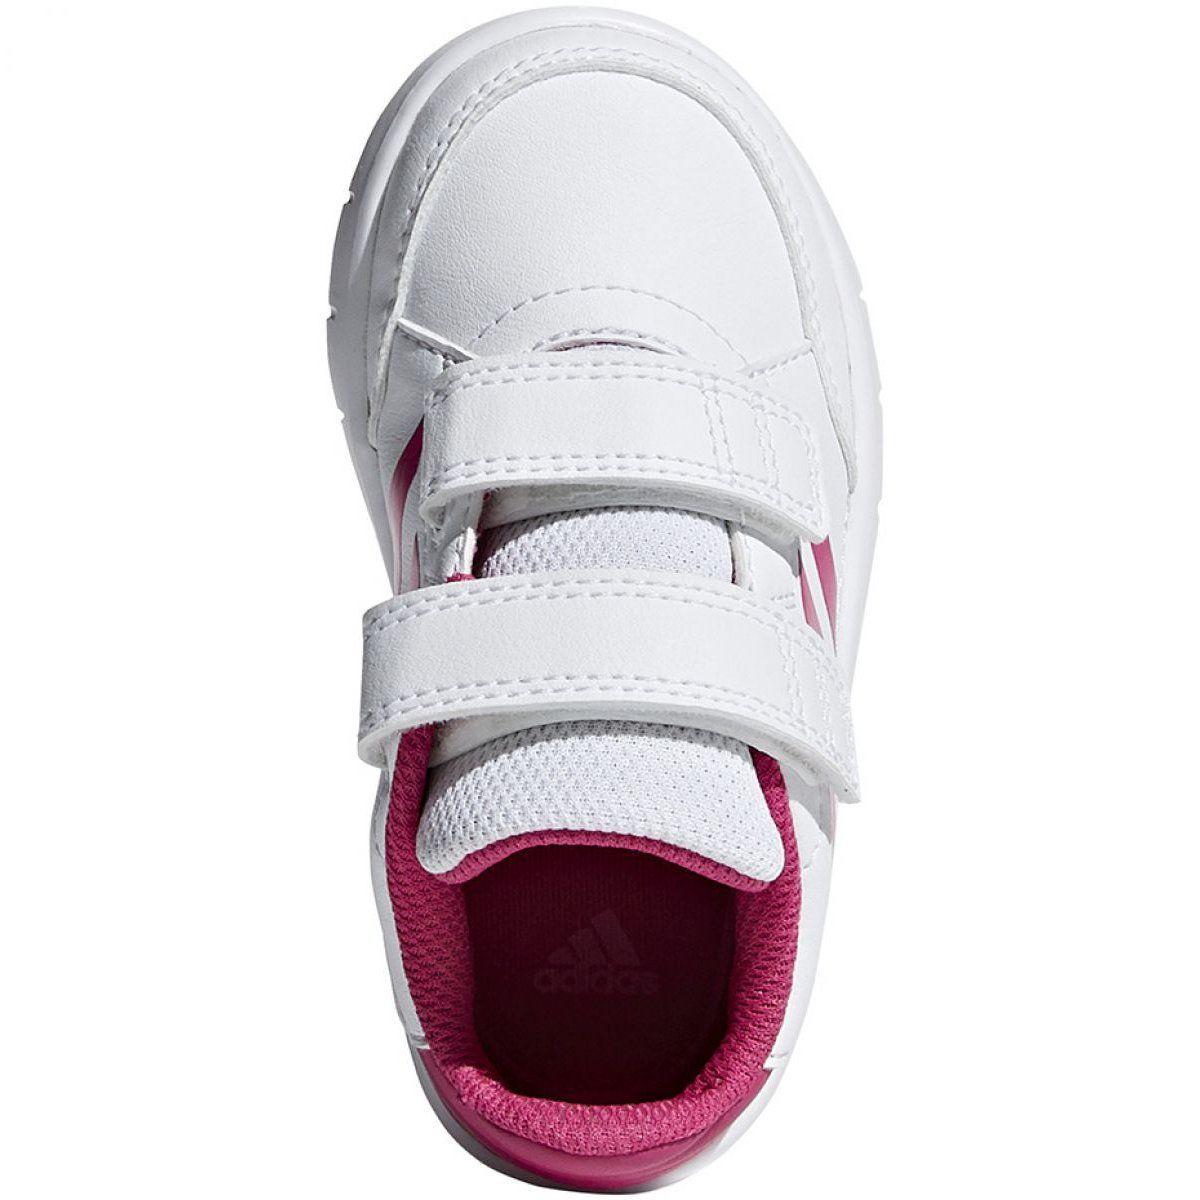 Adidas Shoes 80 Off Buty Sportowe Dzieciece Dla Dzieci Adidas Buty Adidas Altasport A Sports Shoes For Girls Adidas Outfit Shoes Adidas Shoes Outlet